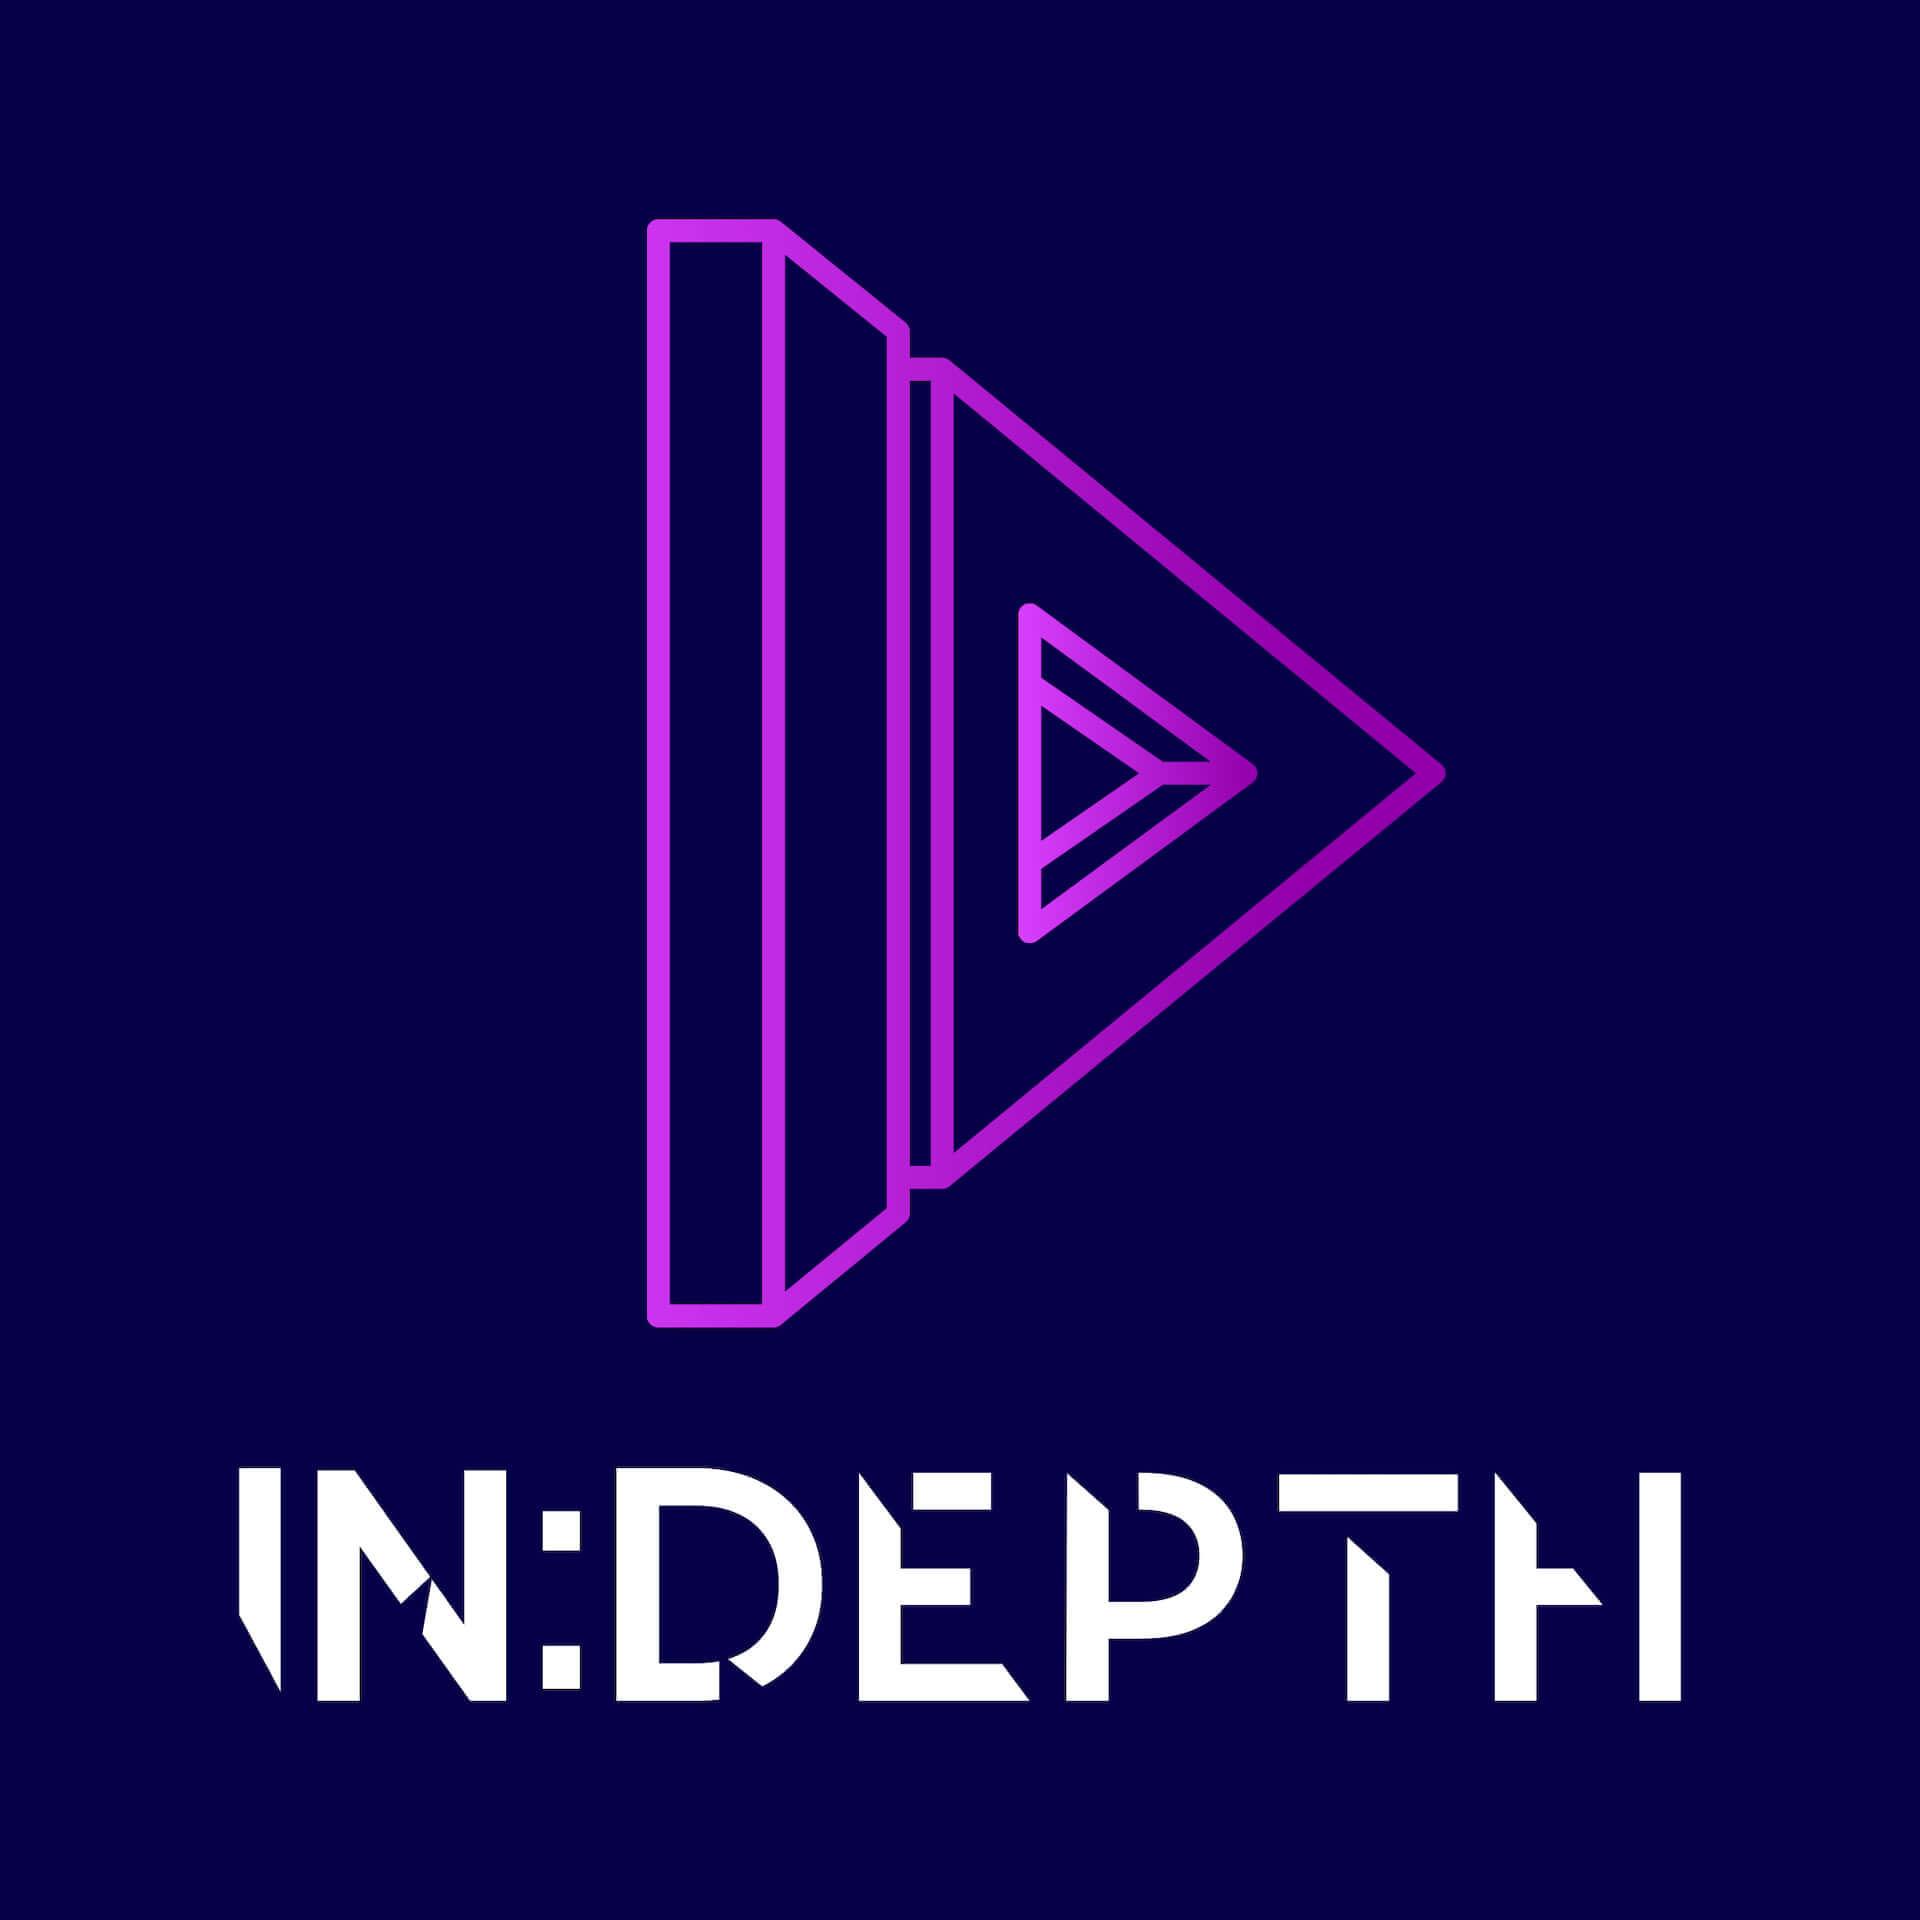 日本のアンダーグラウンド音楽シーンに迫る長編映像シリーズ『In:Depth』が始動!渋谷Lighthouse Records、幡ヶ谷Forestlimitなどが登場 music210304_indepth_7-1920x1920